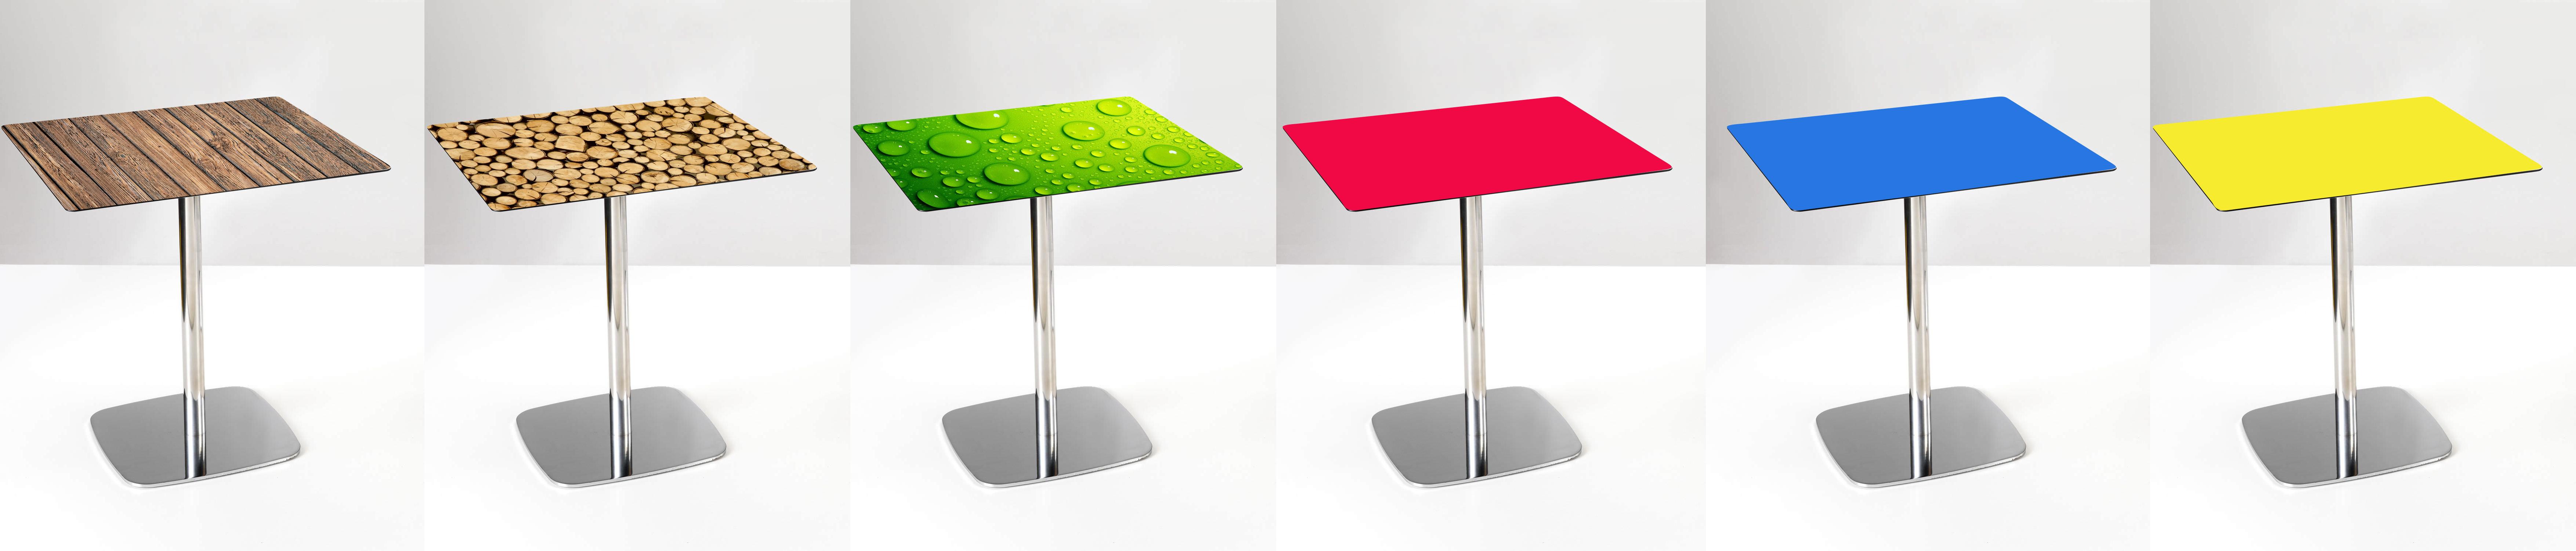 Cambiar de color un mueble con vinilos stica vinilos for Vinilos para muebles